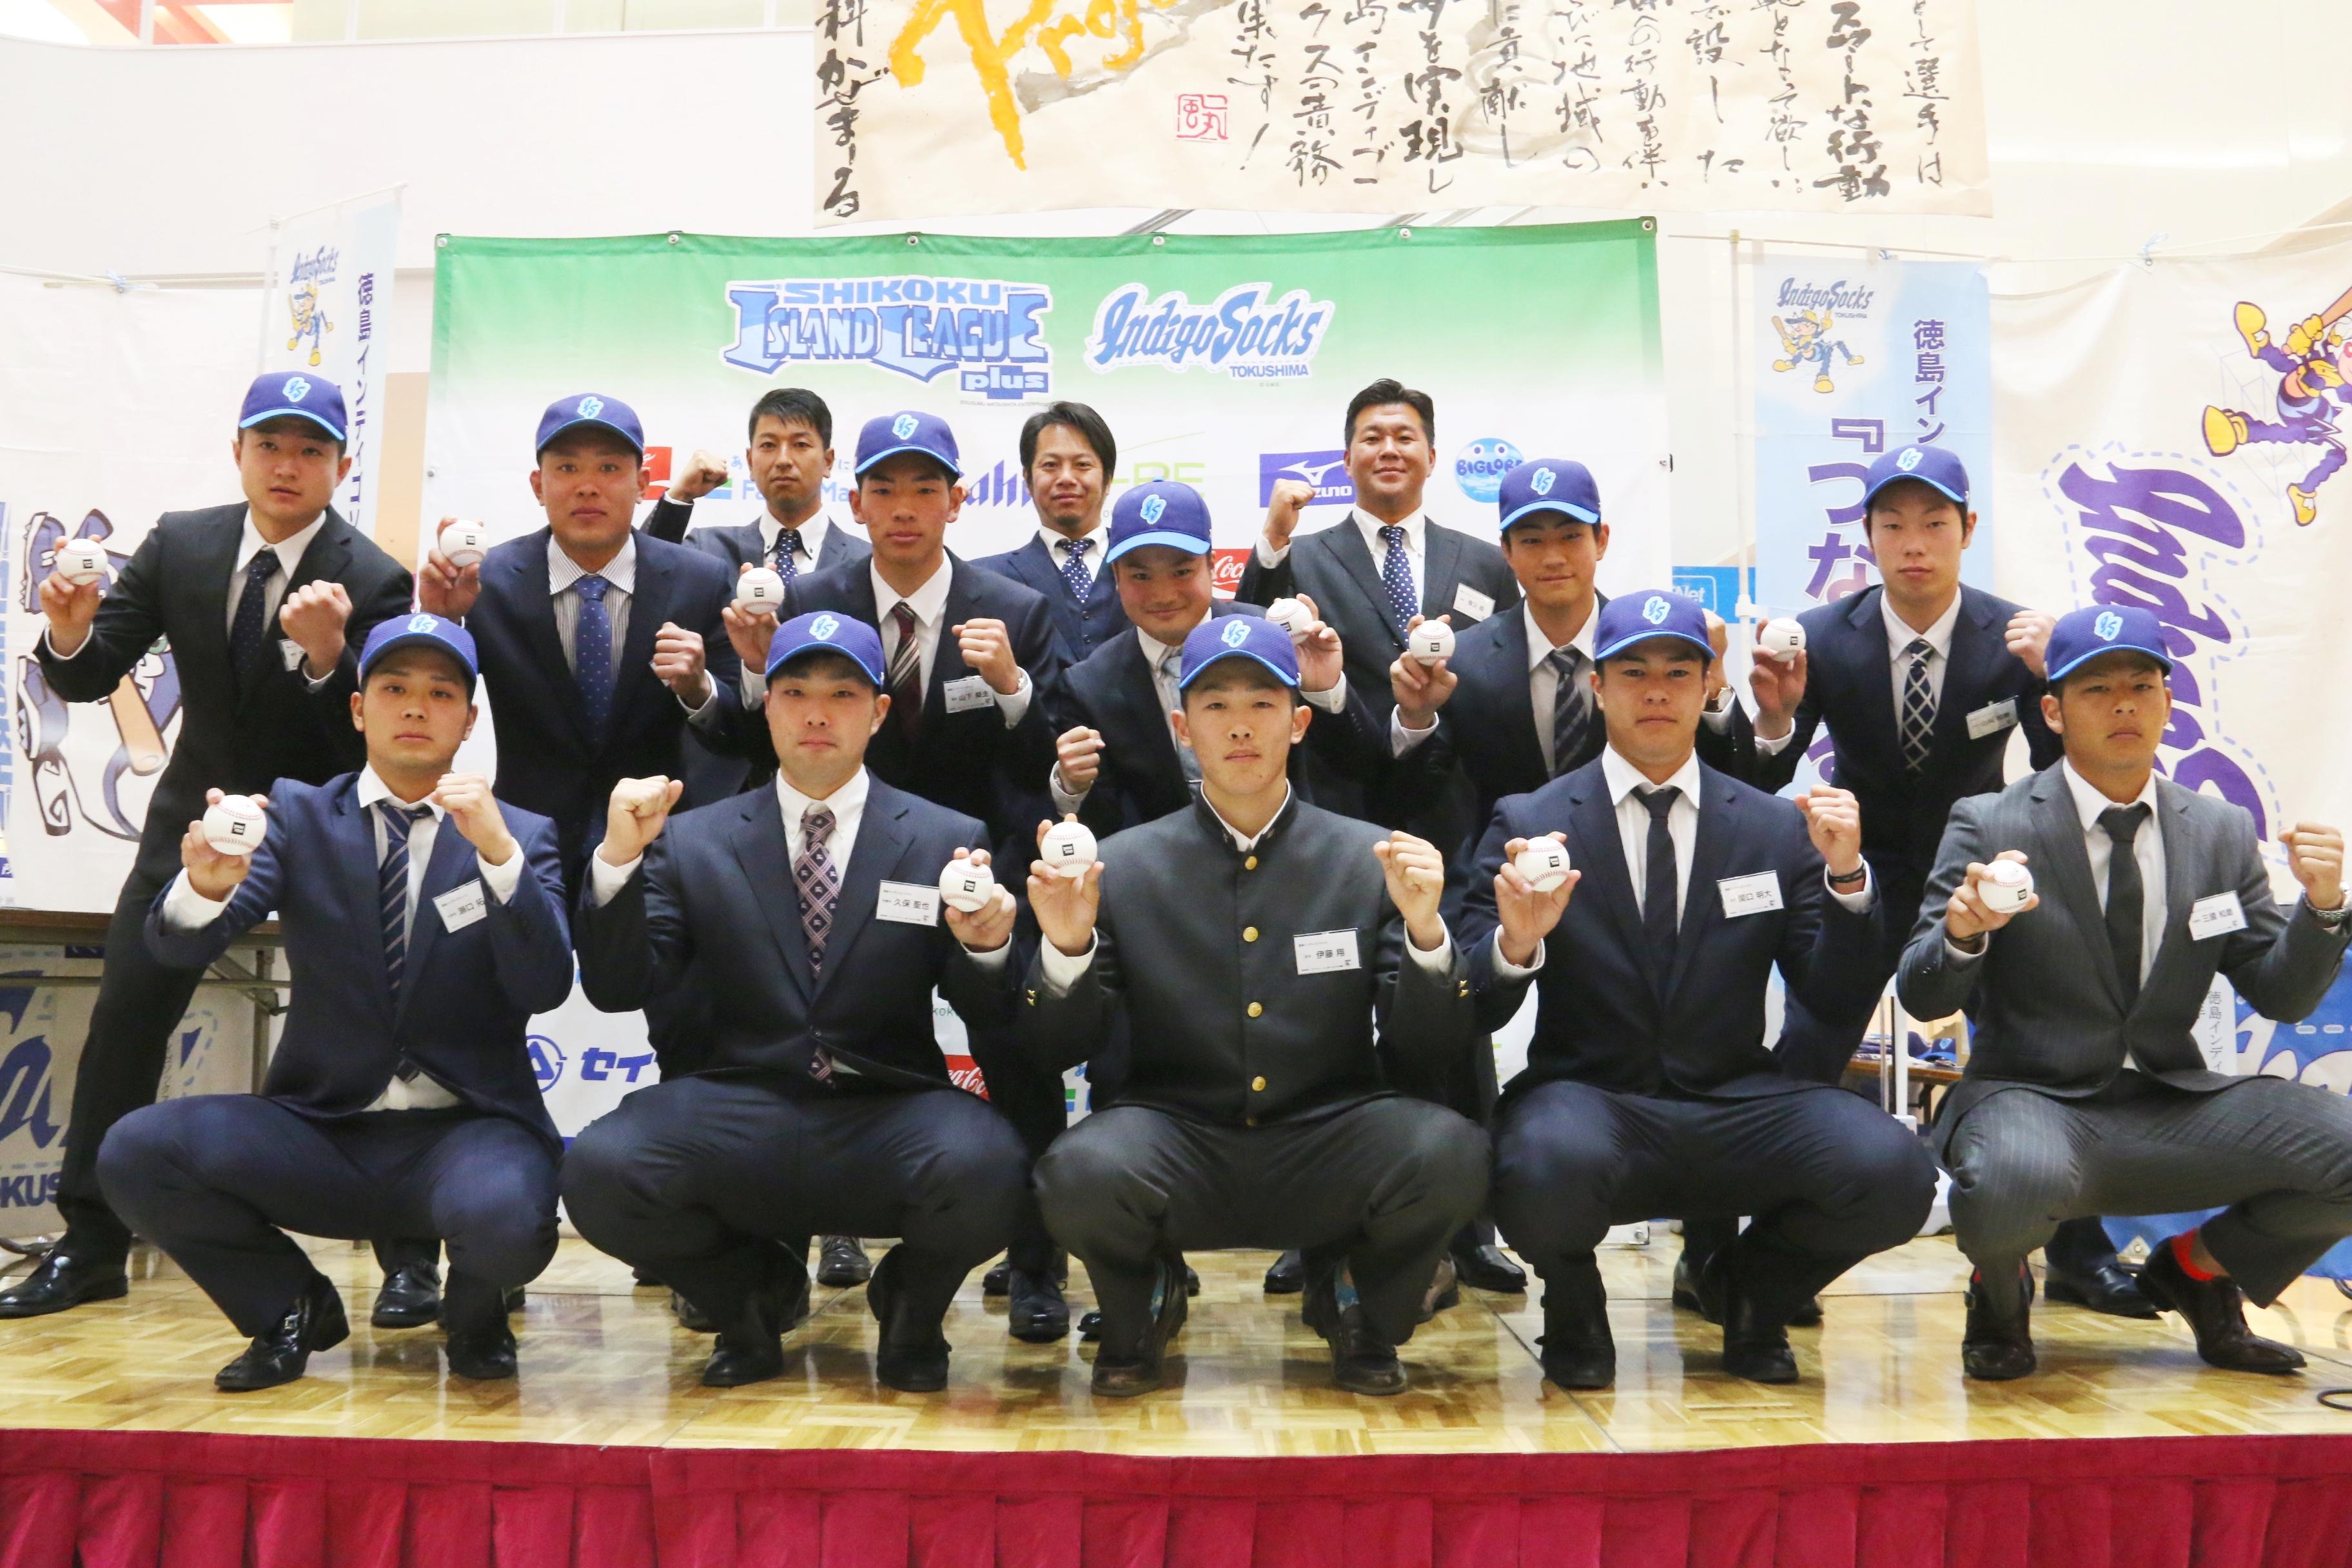 新体制発表! 徳島インディゴソックスの新入団選手記者会見に行ってきました!